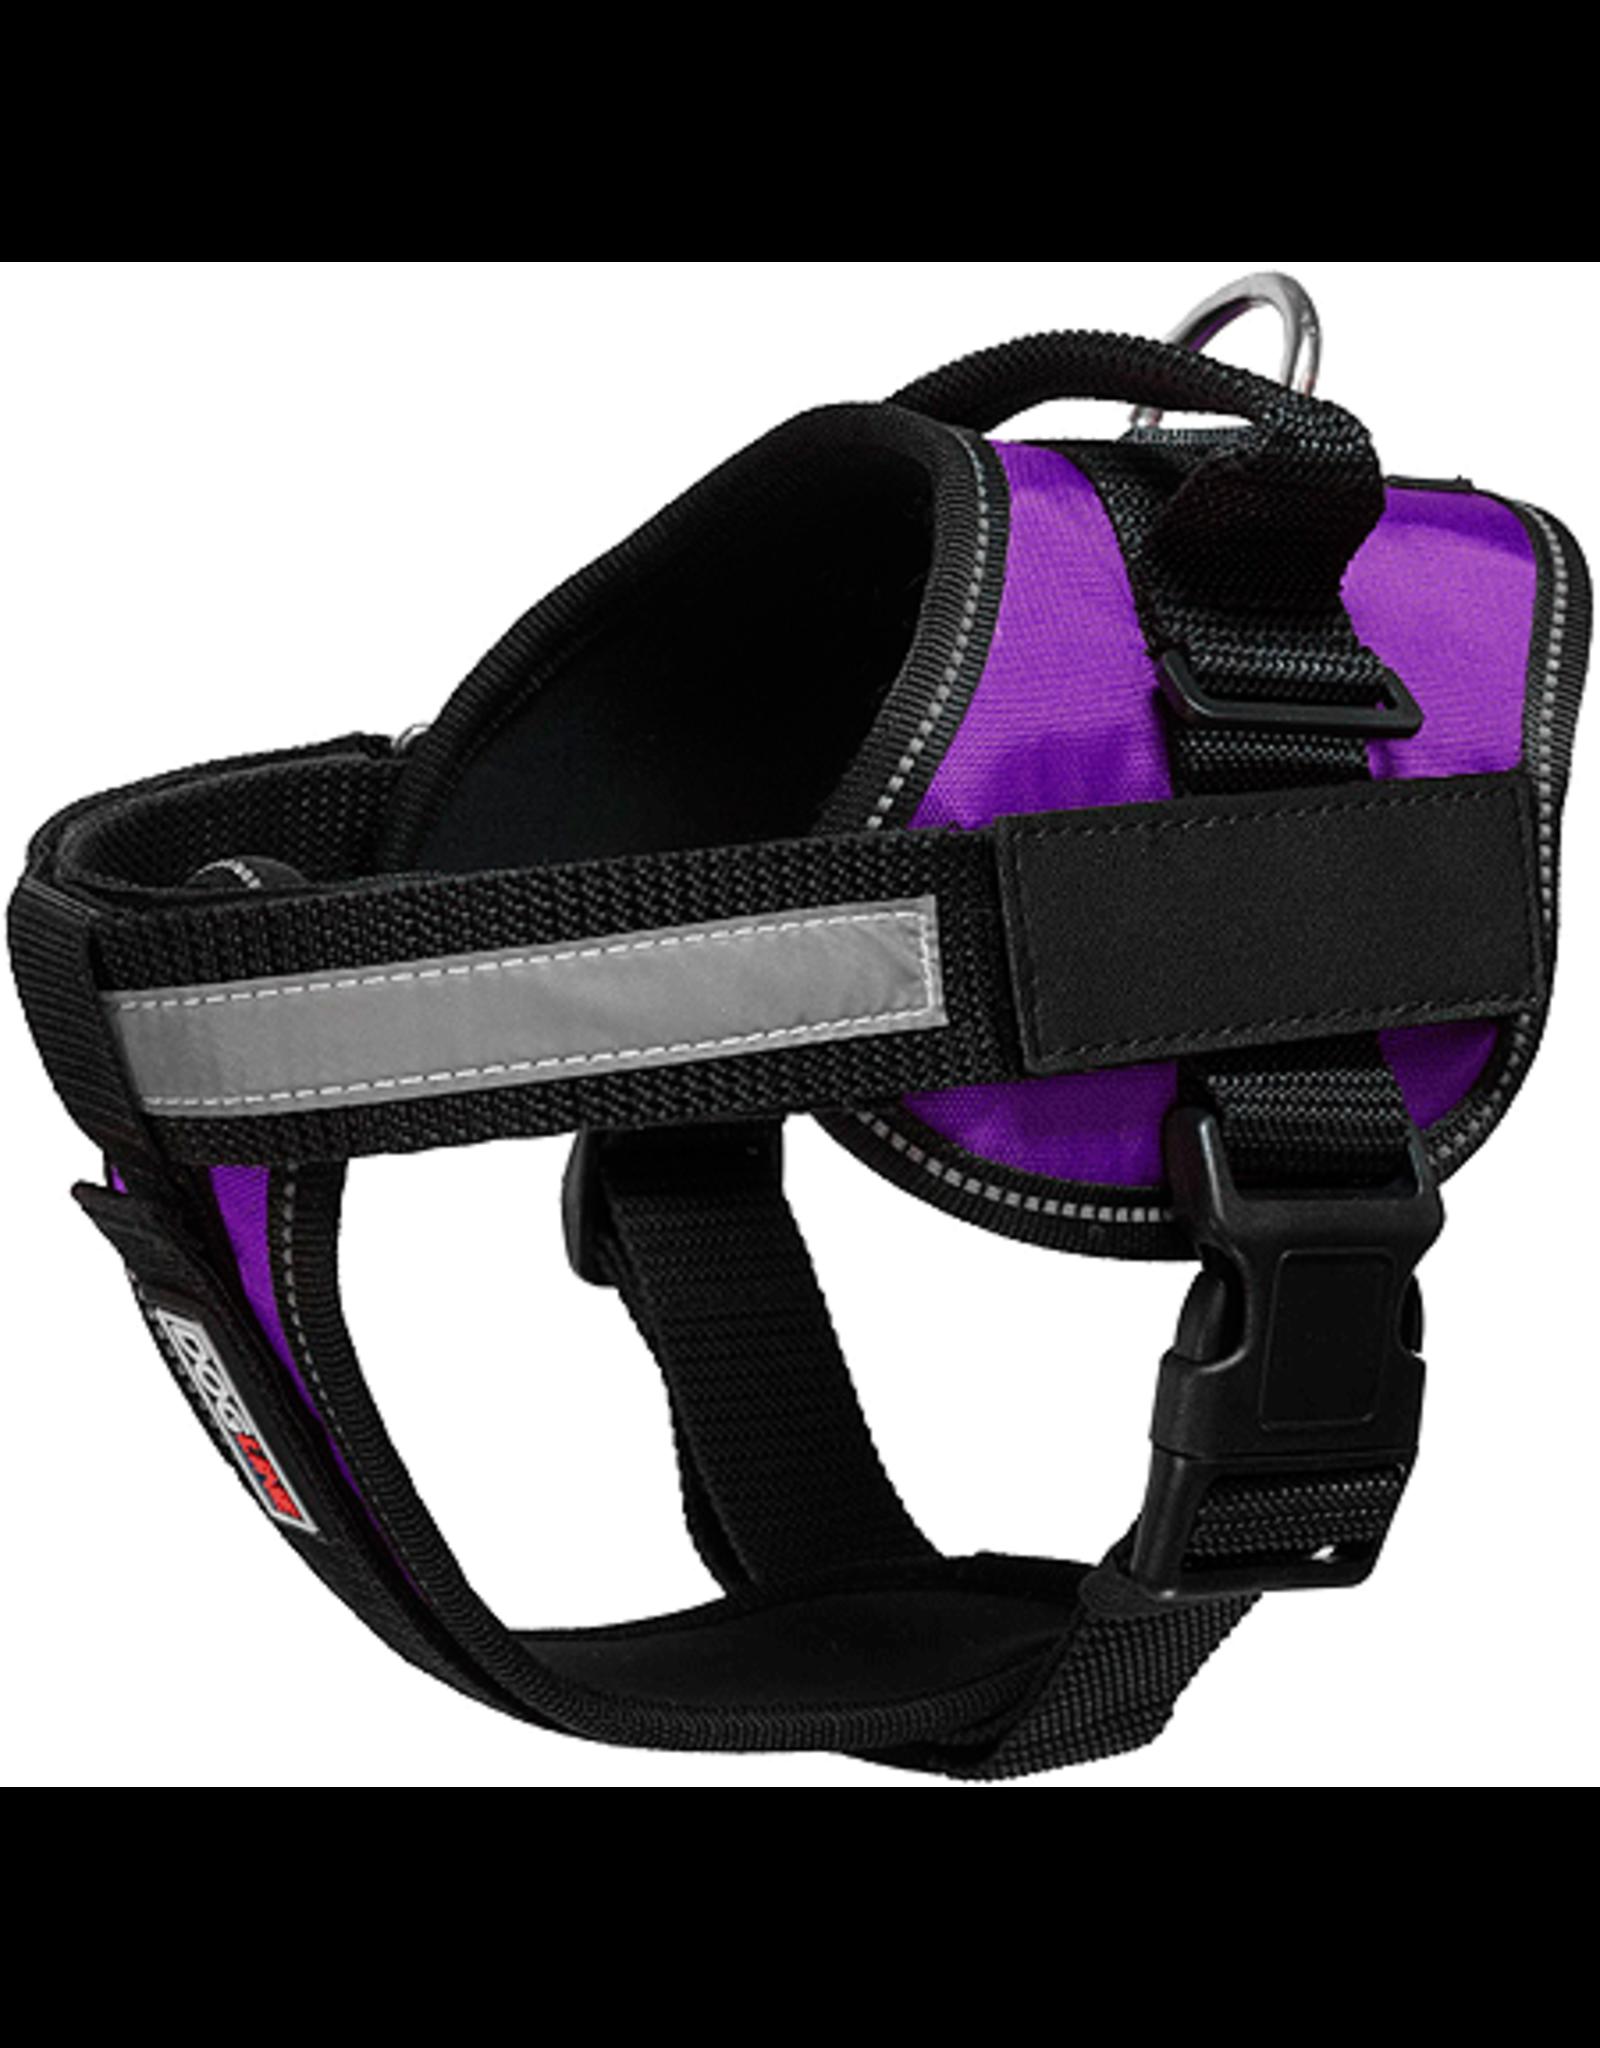 Dogline DOGLINE Unimax Multi-Purpose Harness XL